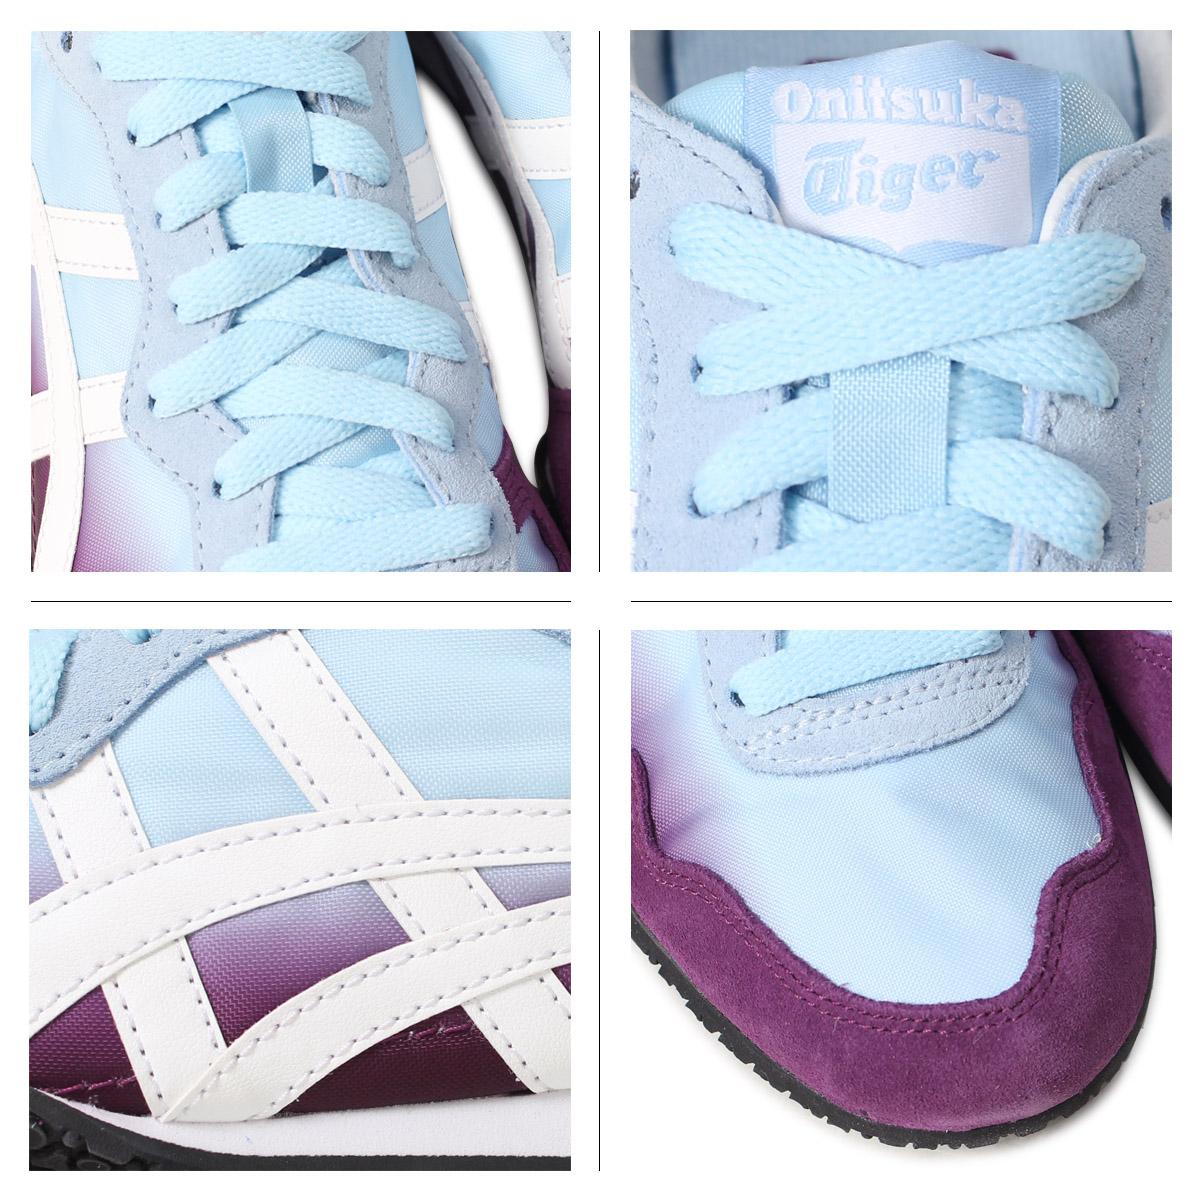 Onitsuka Tiger asics セラーノ Onitsuka Tiger men gap Dis sneakers SERRANO TH780L 1950 3201 shoes